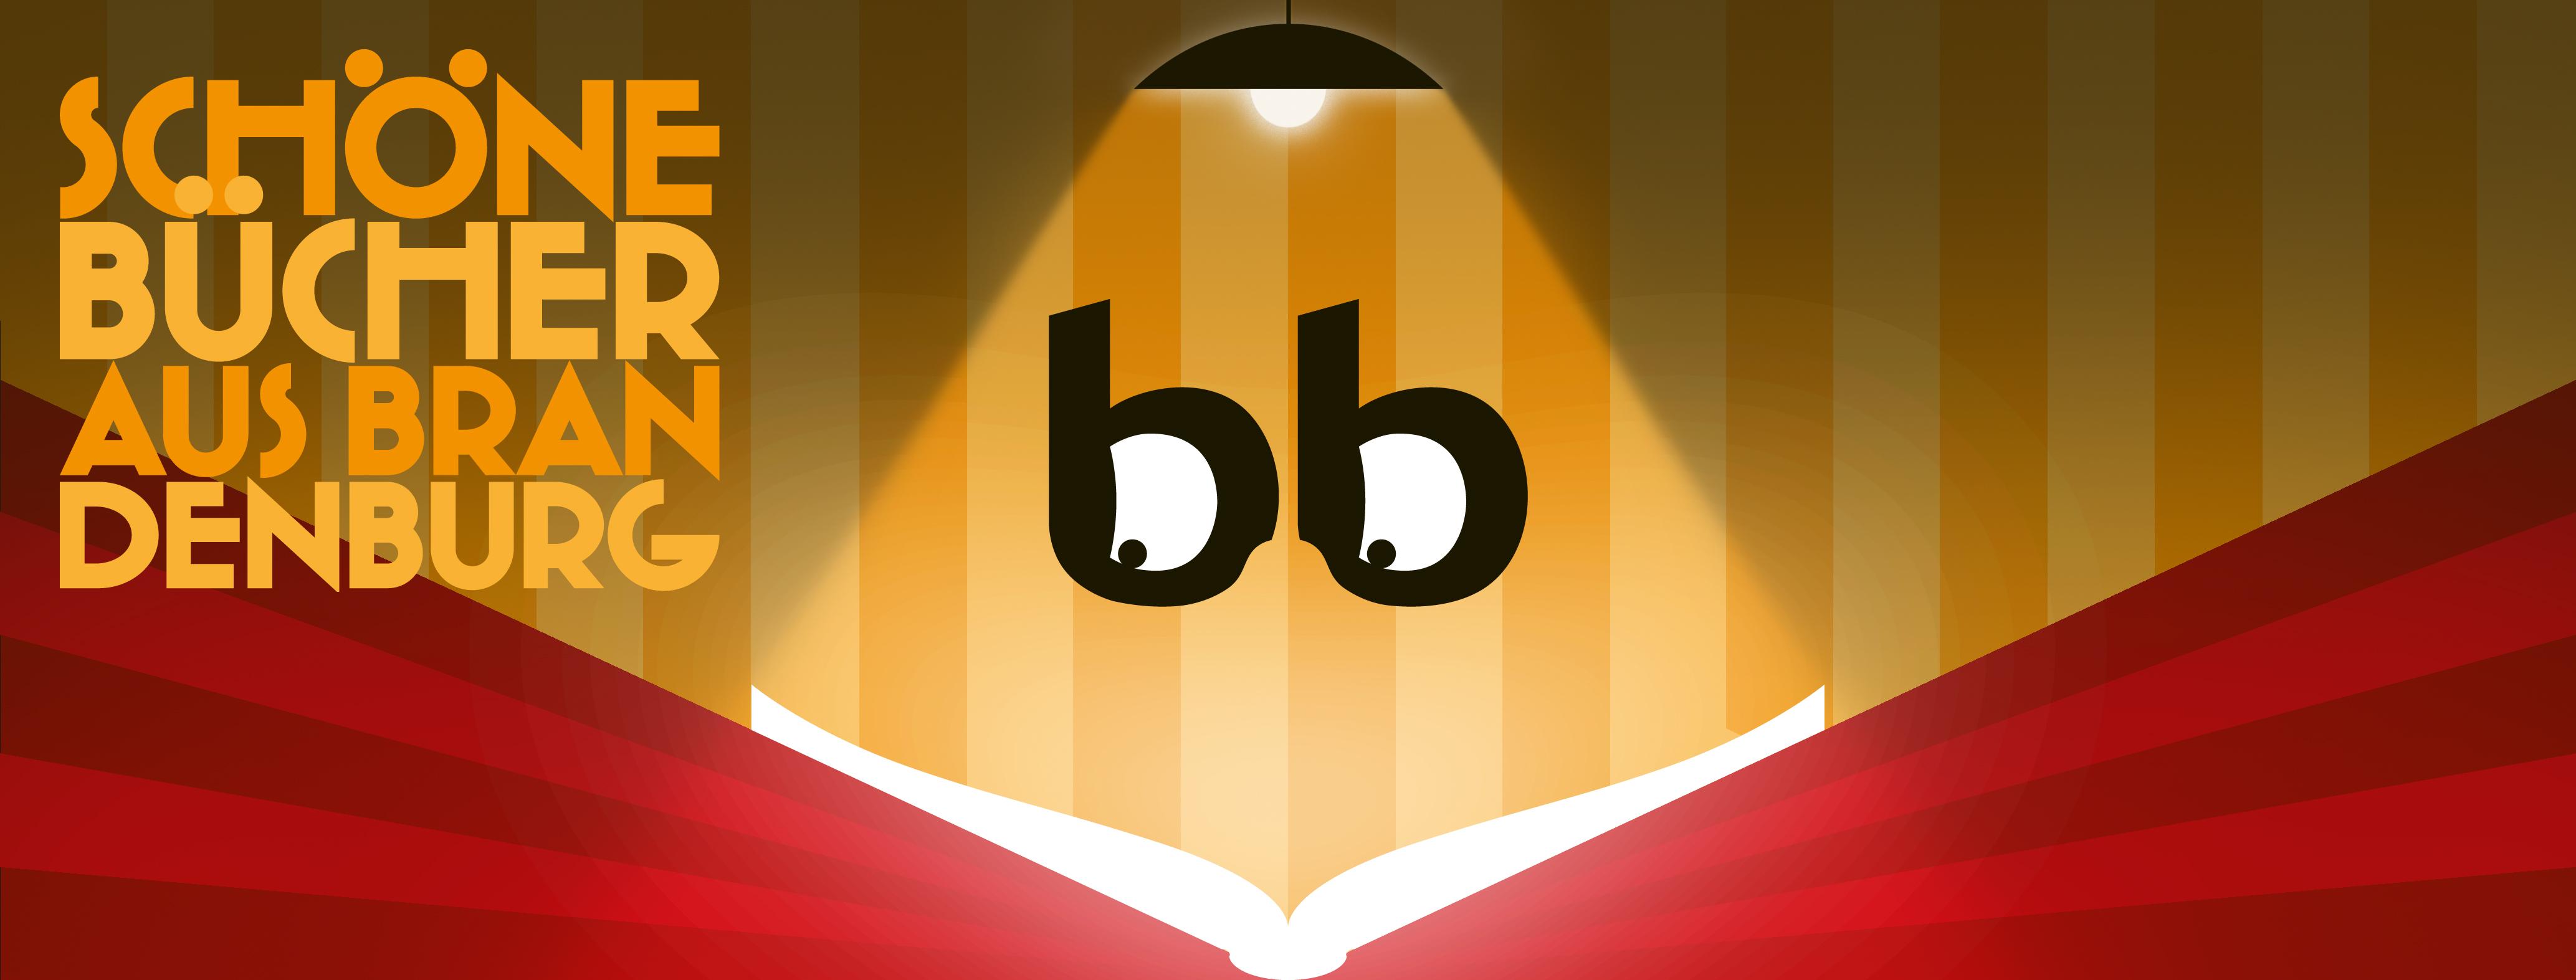 Buchmesse 2019: Schöne Bücher aus Brandenburg